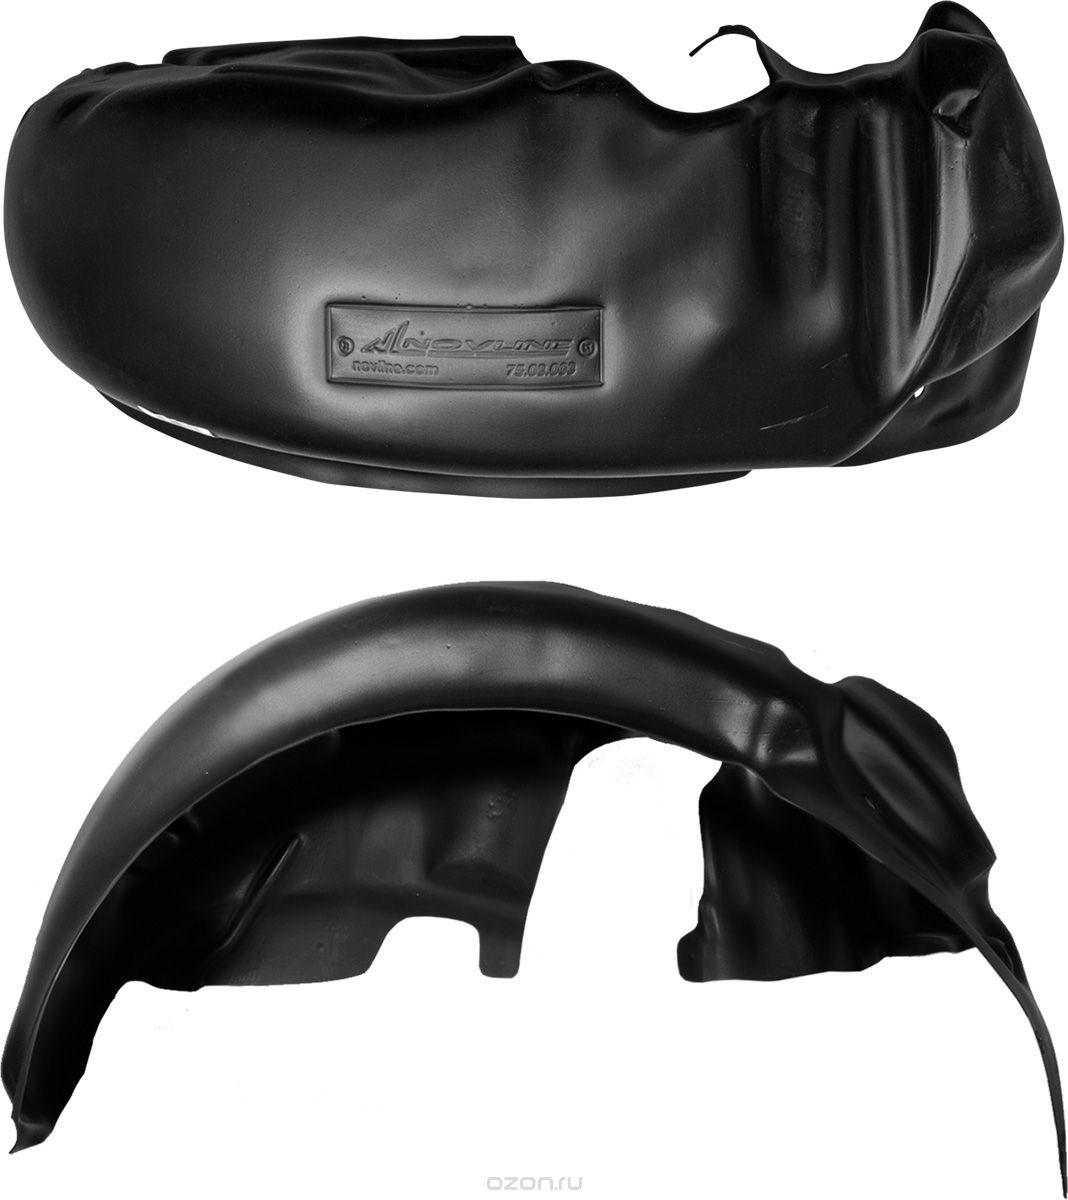 Подкрылок Novline-Autofamily, для RAVON Gentra, 2013->, седан, передний левыйNLL.102.01.001Идеальная защита колесной ниши. Локеры разработаны с применением цифровых технологий, гарантируют максимальную повторяемость поверхности арки. Изделия устанавливаются без нарушения лакокрасочного покрытия автомобиля, каждый подкрылок комплектуется крепежом. Уважаемые клиенты, обращаем ваше внимание, что фотографии на подкрылки универсальные и не отражают реальную форму изделия. При этом само изделие идет точно под размер указанного автомобиля.